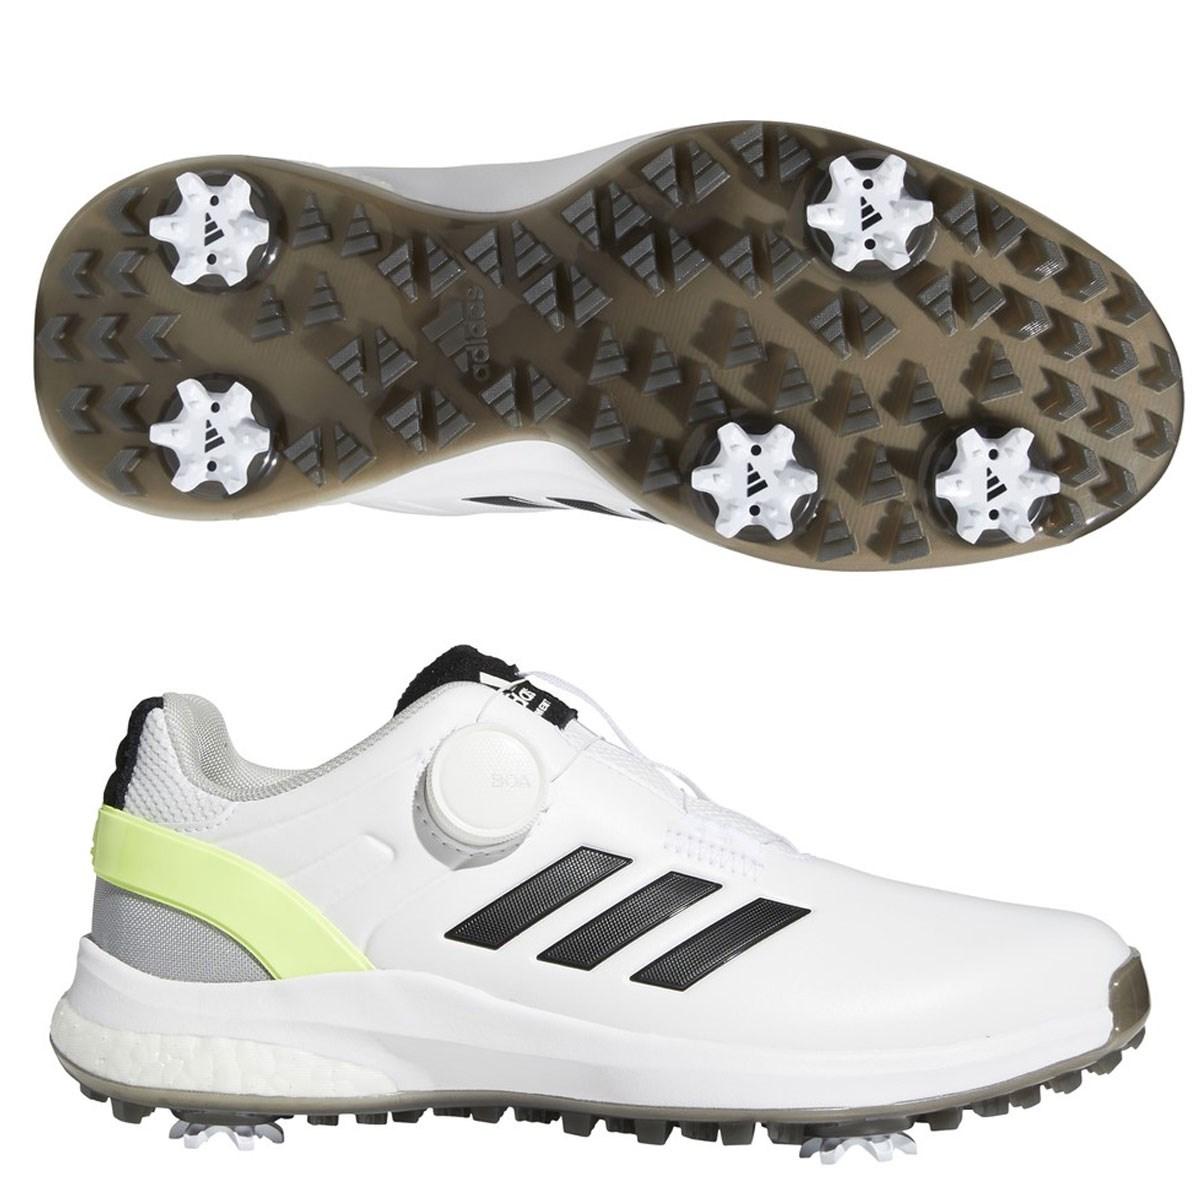 アディダス Adidas EQTボアシューズ 25cm フットウェアホワイト/コアブラック/ハイレゾイエロー レディス